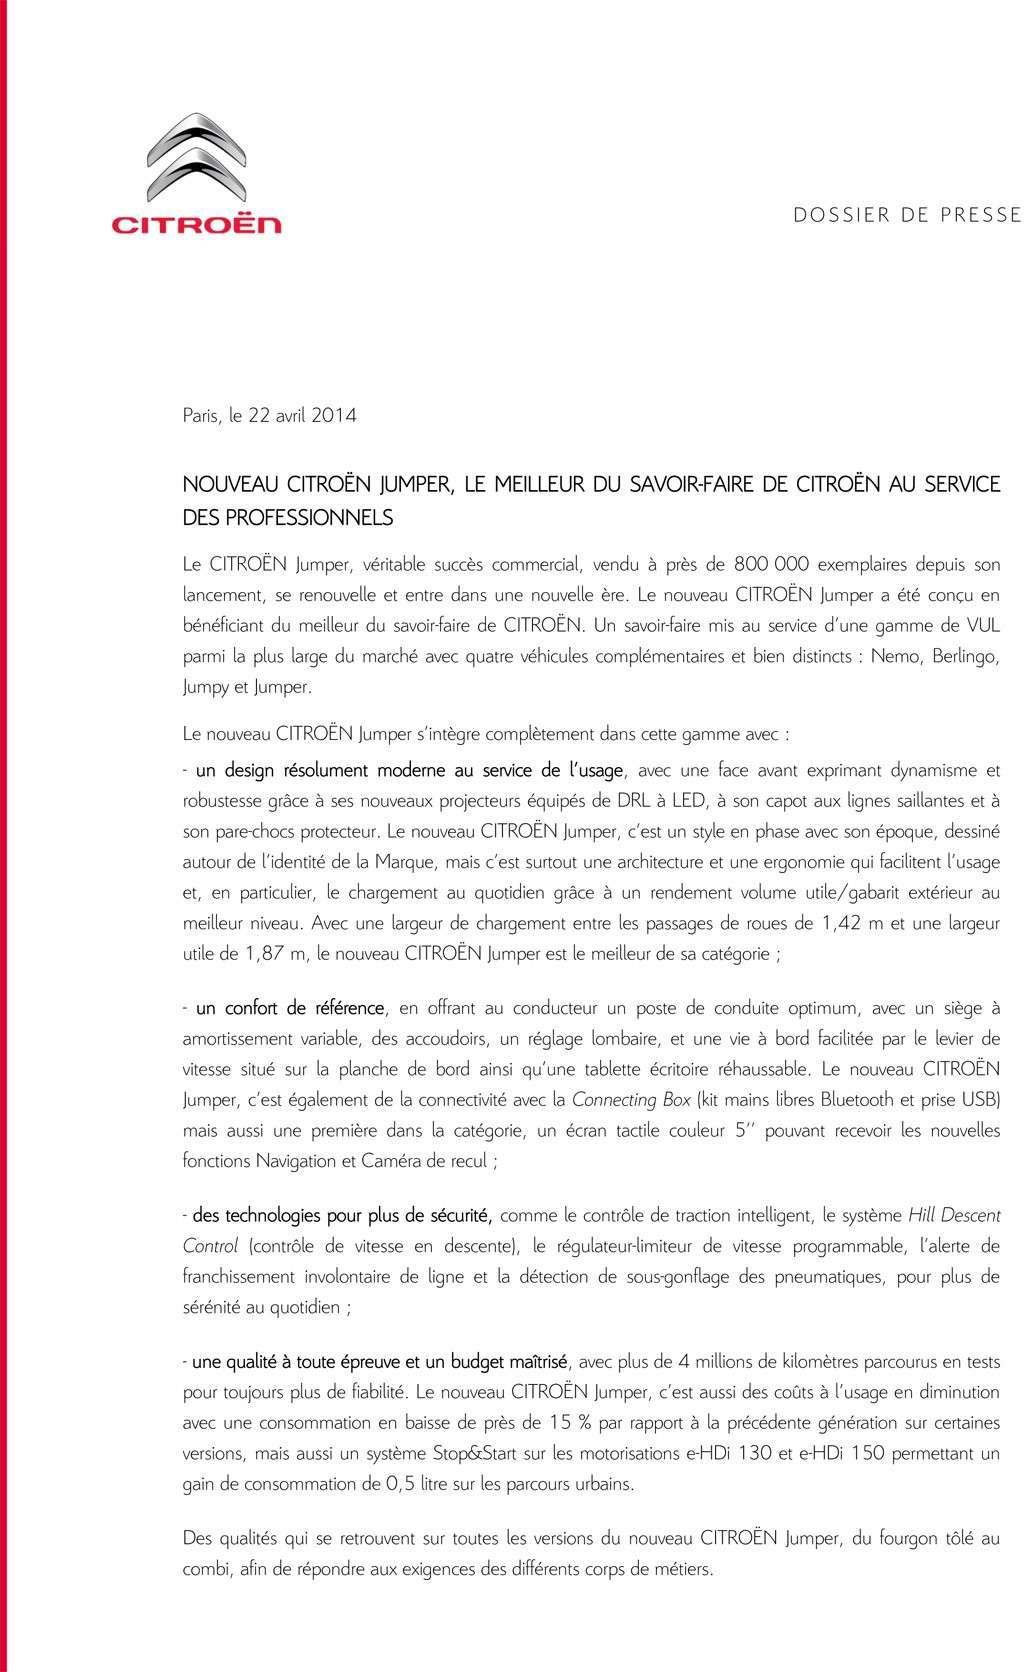 [SUJET OFFICIEL] Citroën Jumper II Restylé Dp_cit10